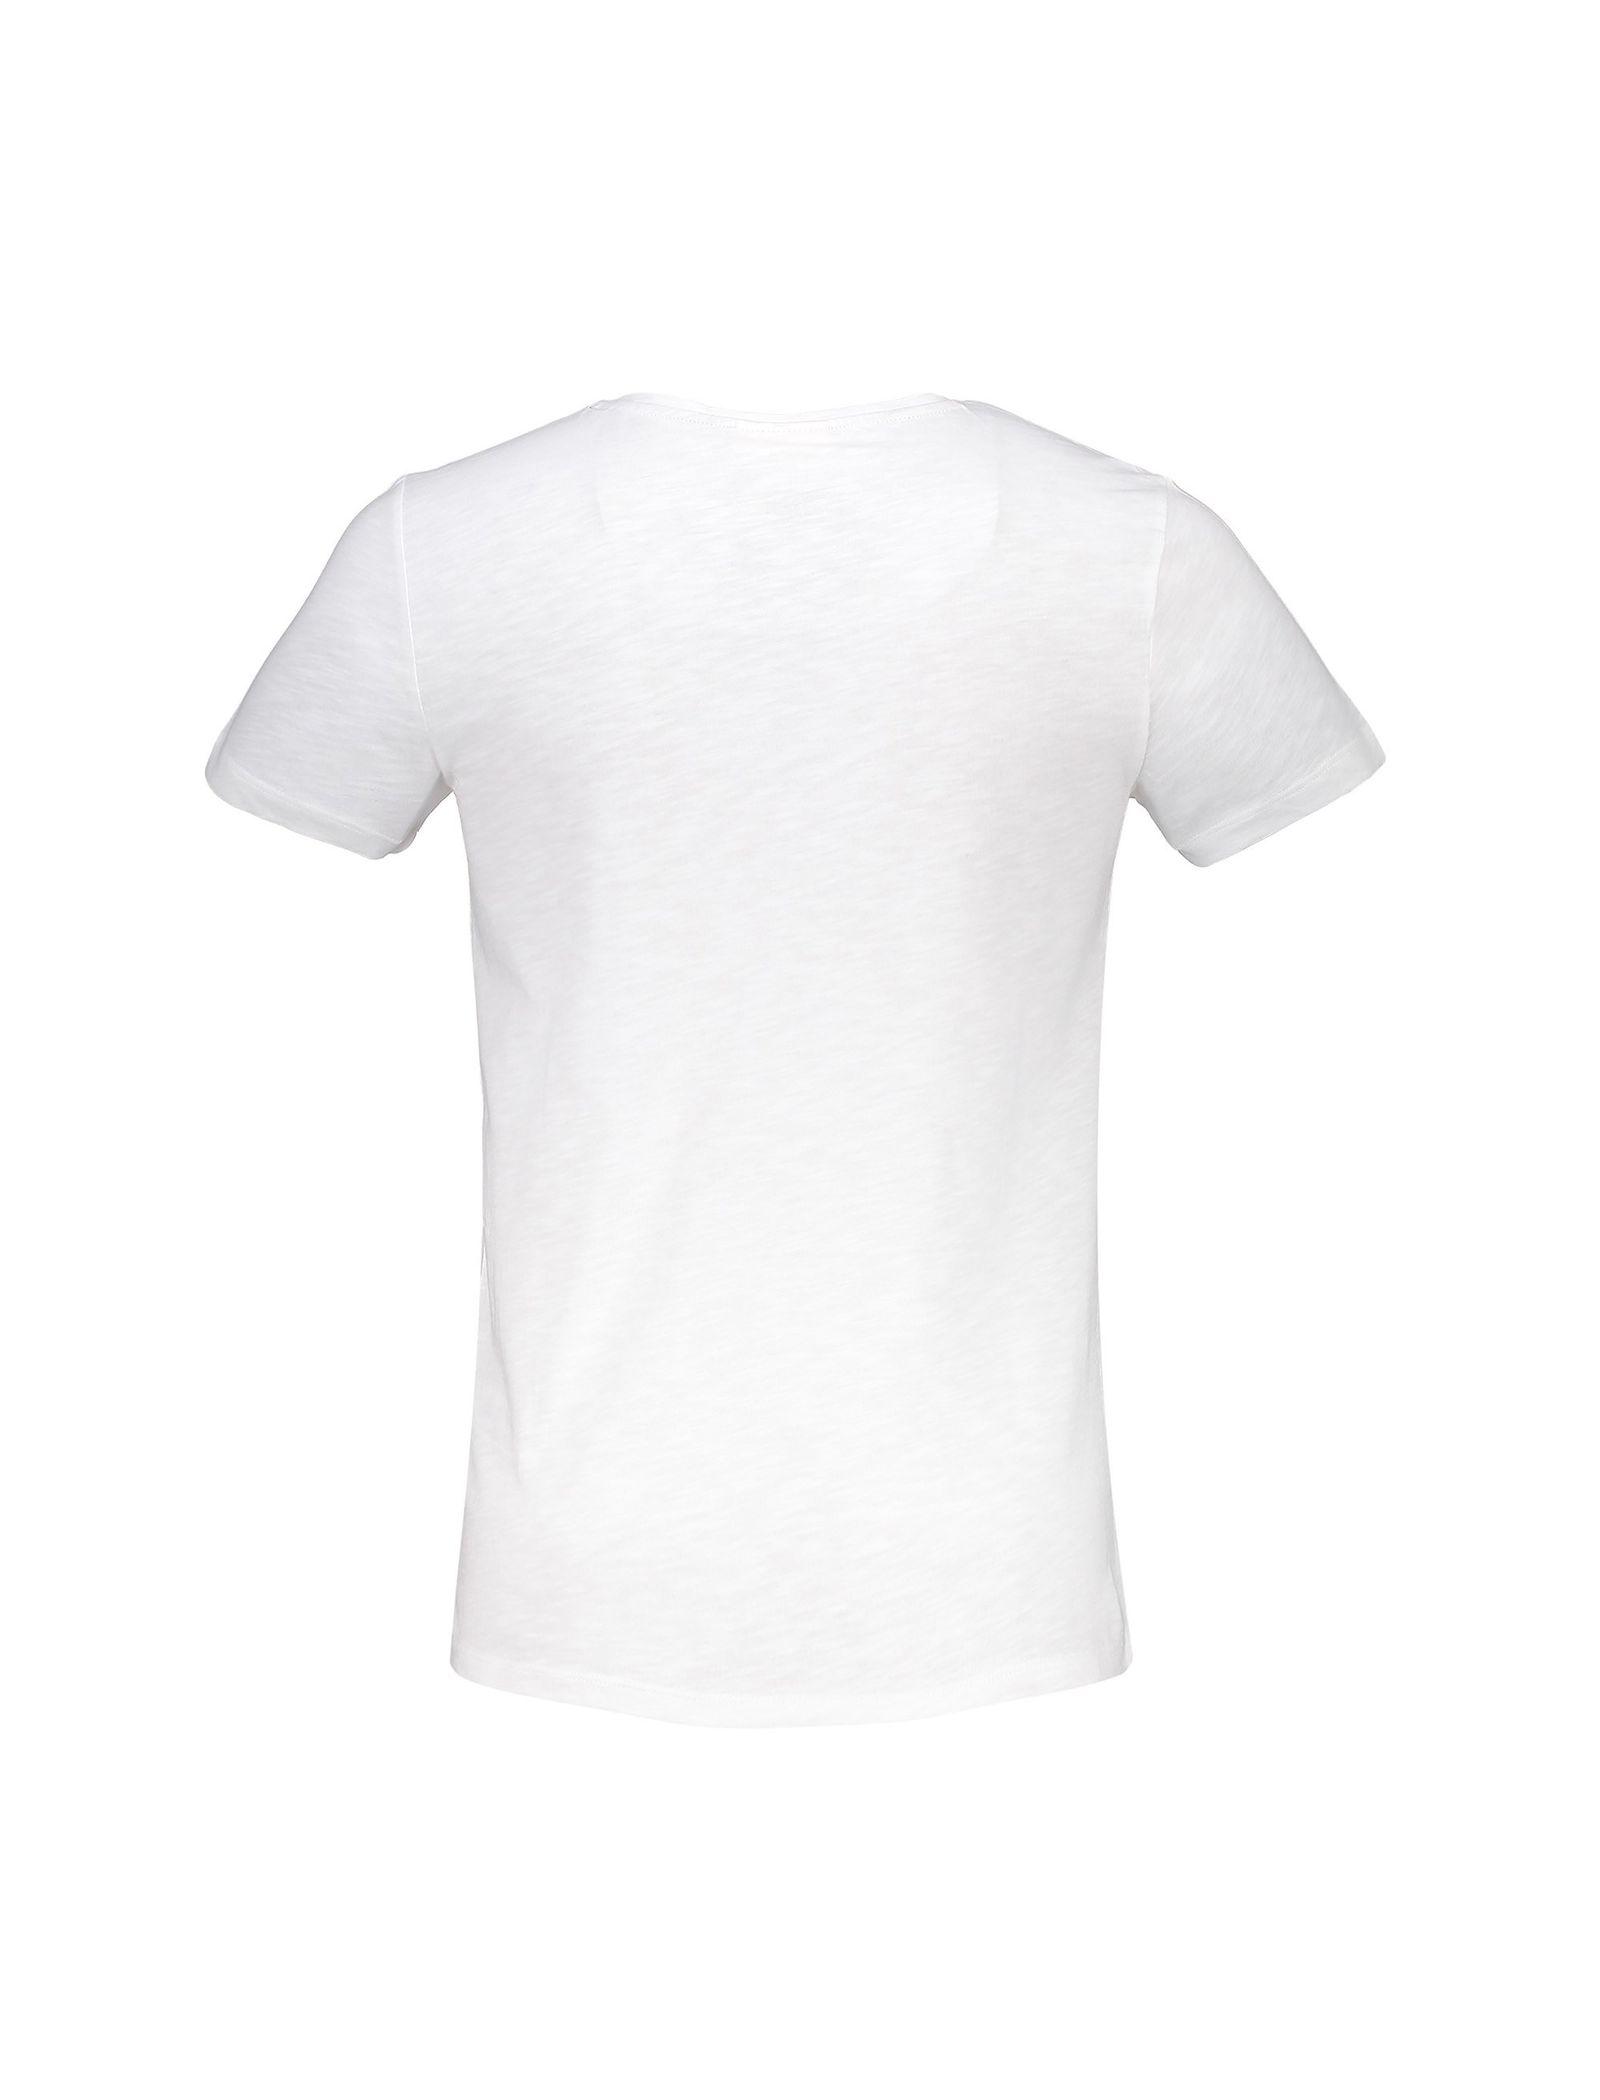 تی شرت نخی یقه گرد مردانه - ال سی وایکیکی - سفيد - 2